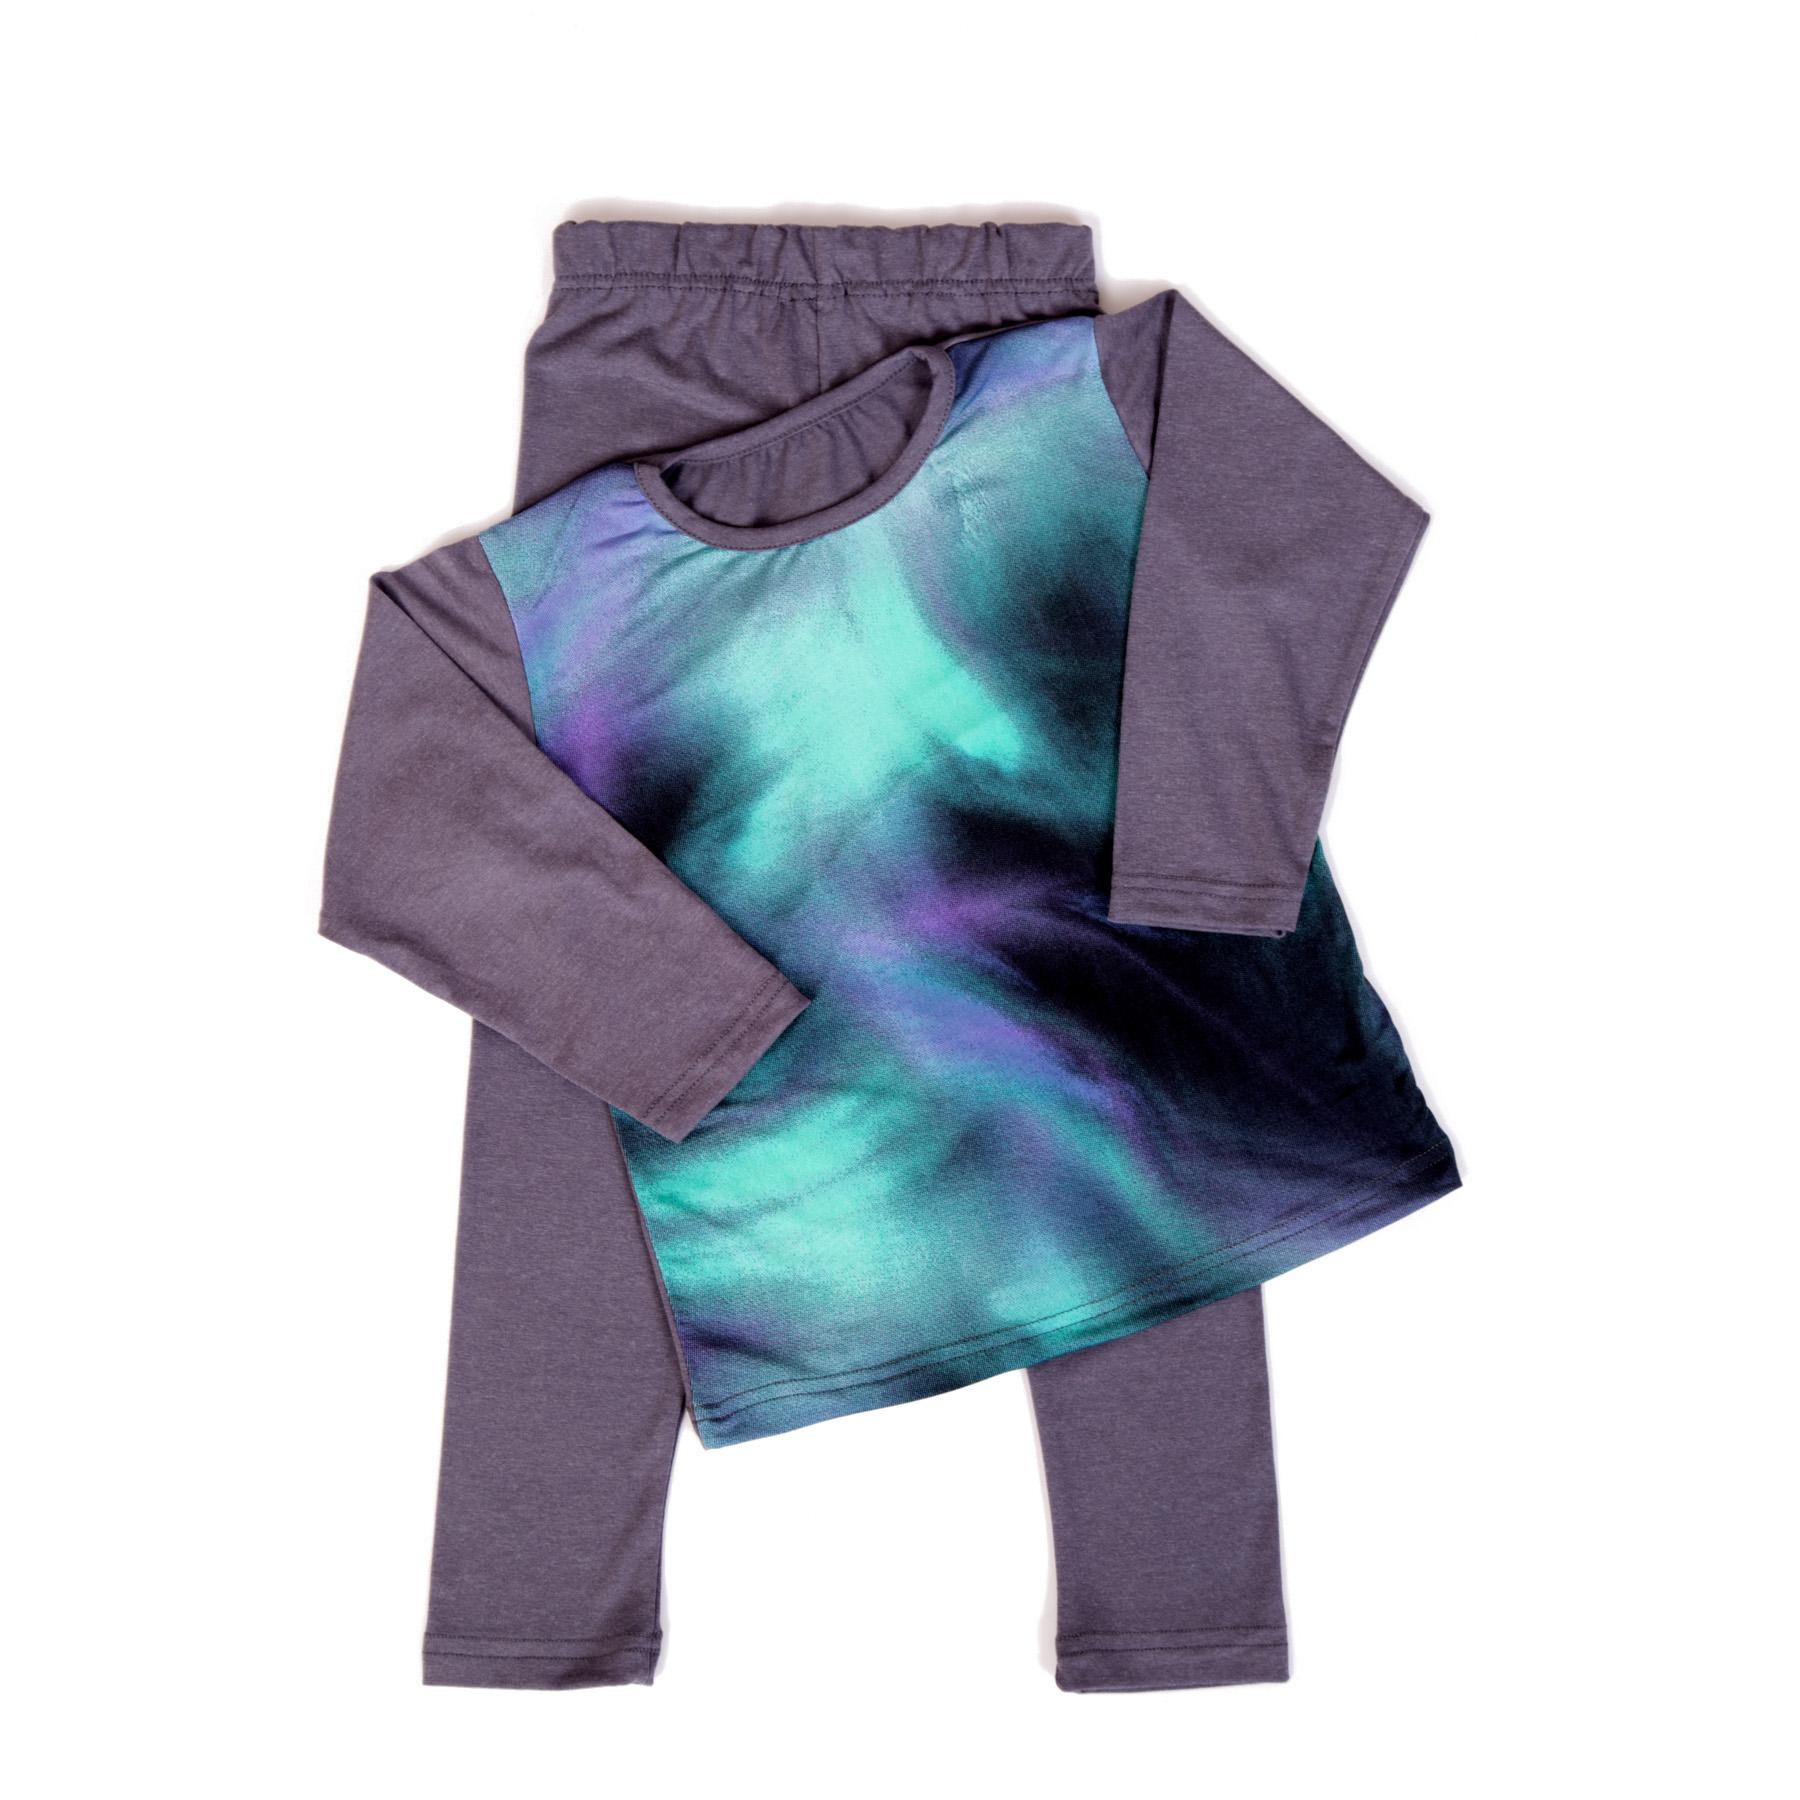 Детский костюм Ариша, размер 26Костюмы<br><br><br>Тип: Дет. костюм<br>Размер: 26<br>Материал: Вискоза